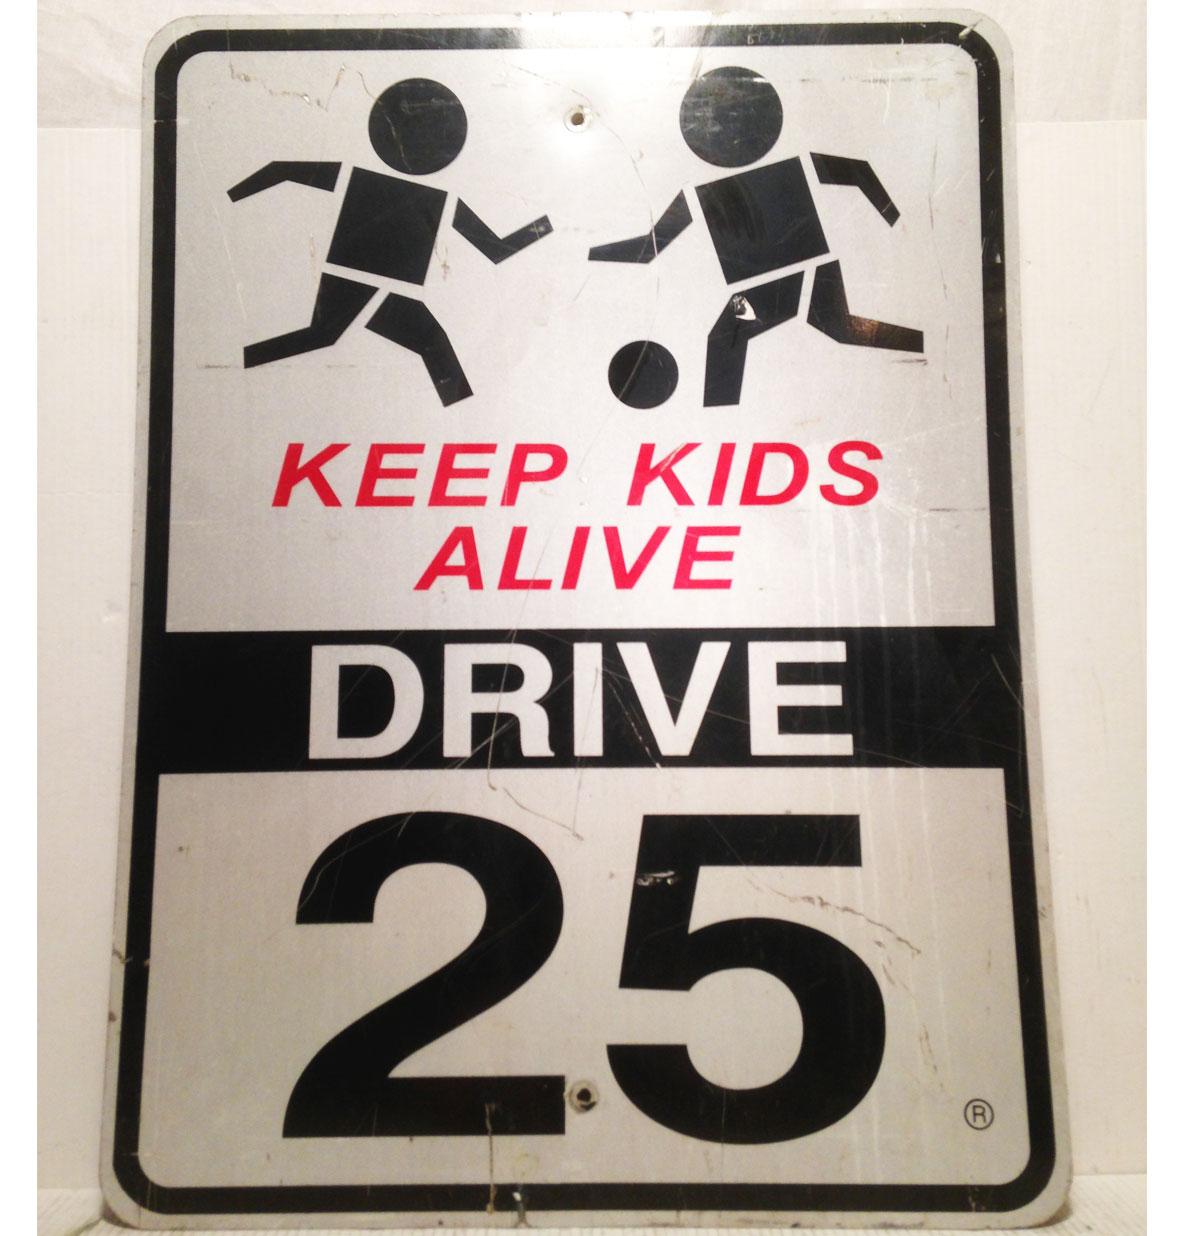 Keep Kids Alive Drive 25 Straatbord - Origineel